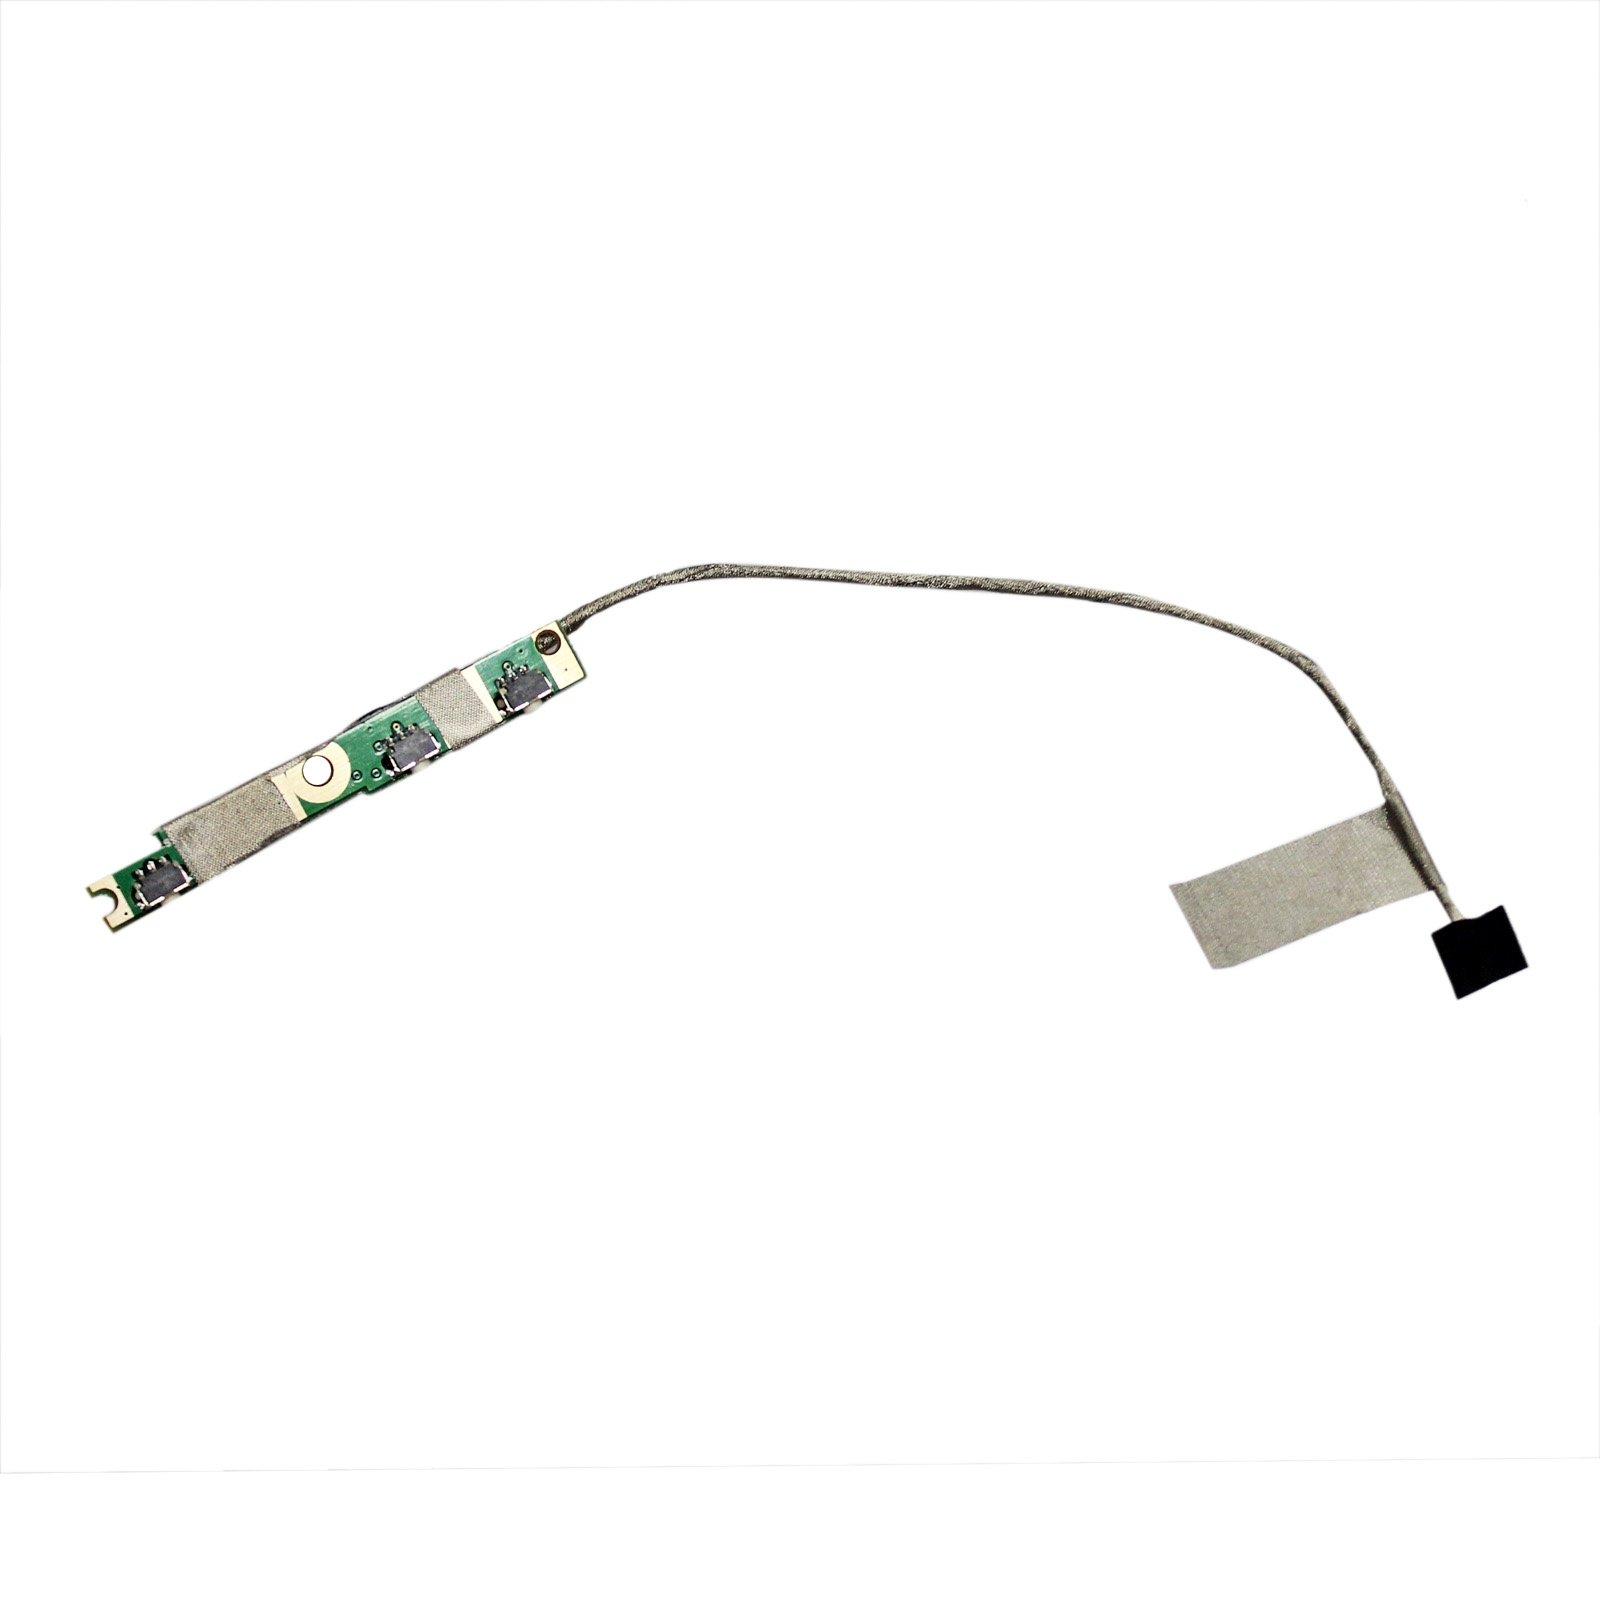 Zahara Power Volume Button Replacement for Dell Inspiron 17 7779 P30E001 85GTT 085GTT 450.07Y03.0012